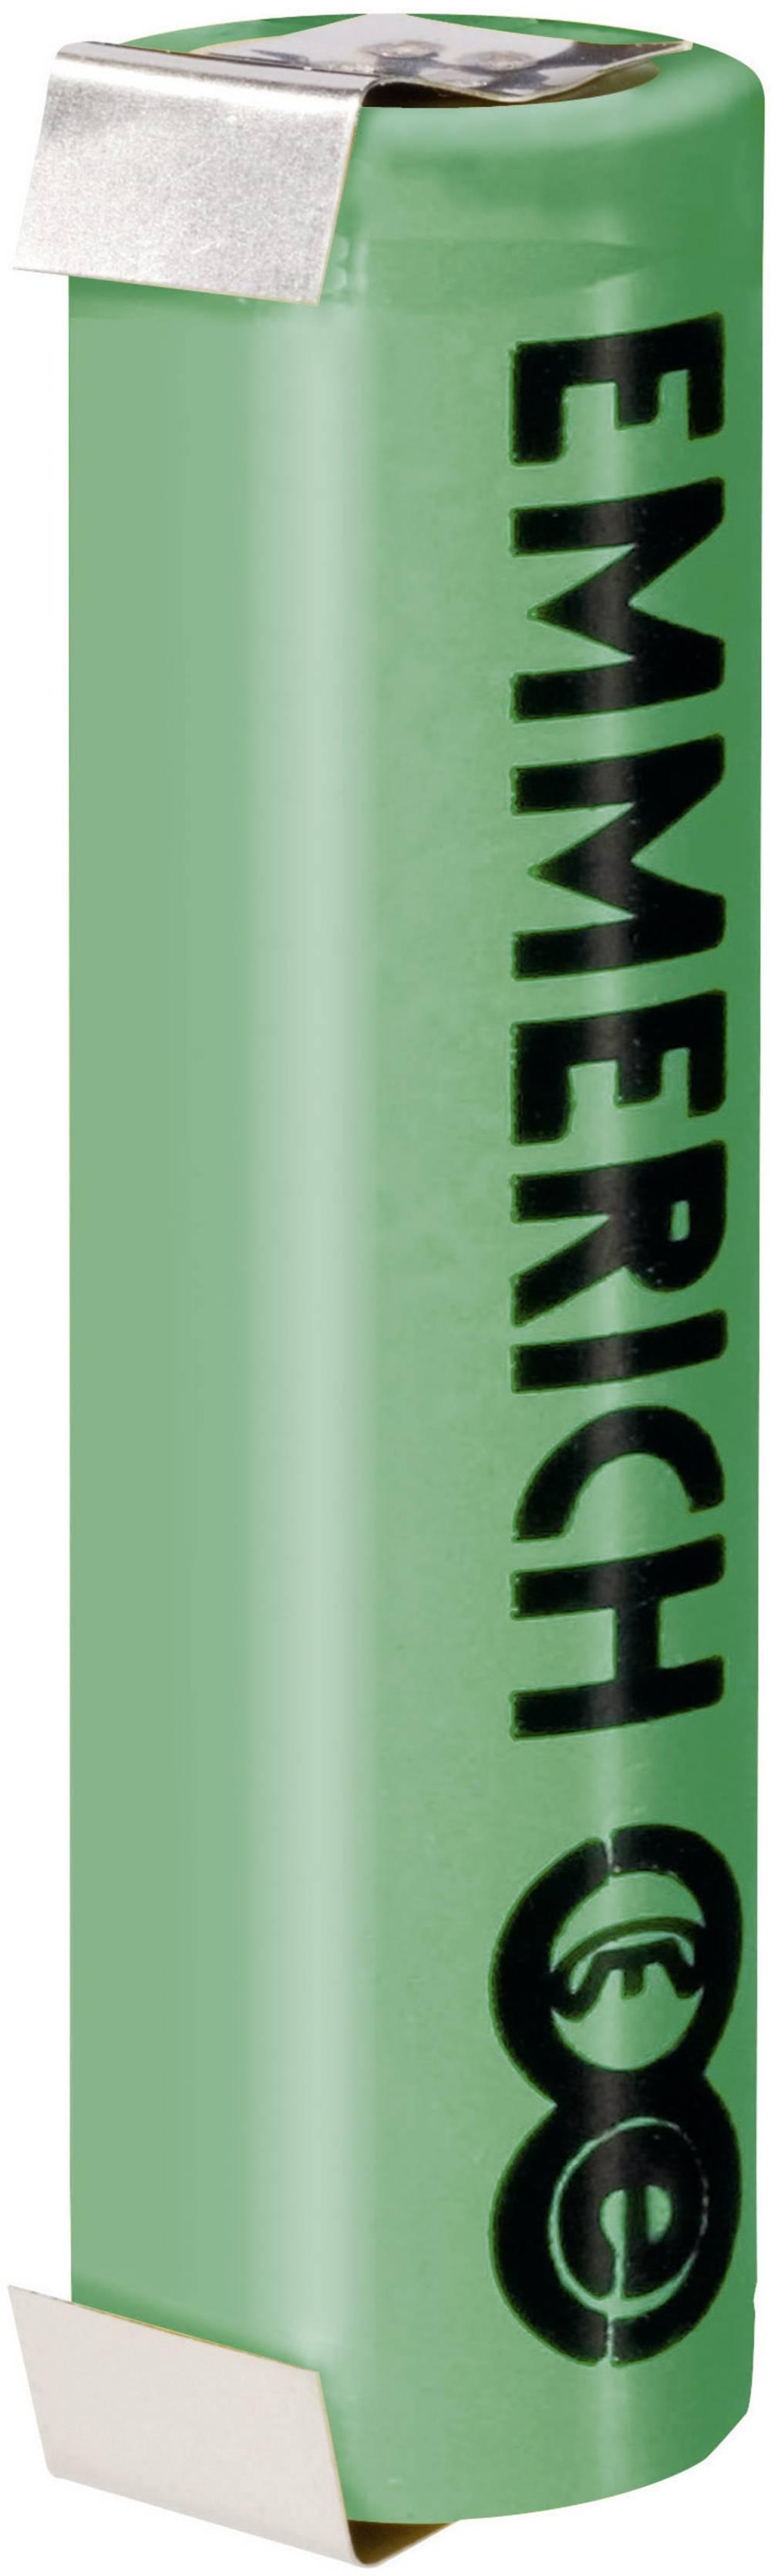 LiFePO4 akumulator Emmerich ULT 18650 FP, ULF 3.3 V 1100 mAh (Ø x V) 18 mm x 65 mm